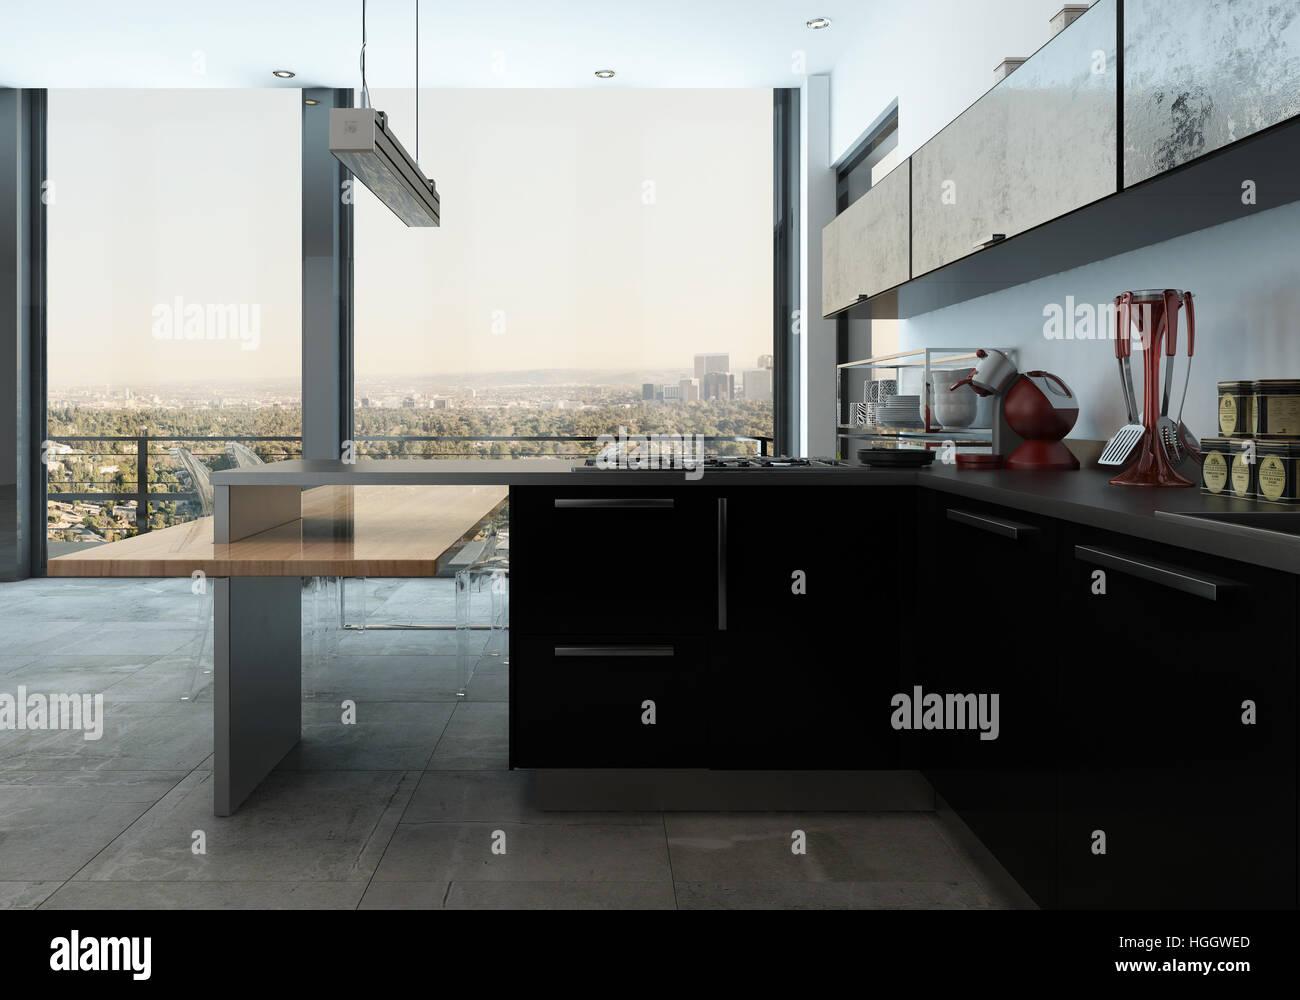 Cocina Moderna En Un Apartamento De Lujo Con Elegantes - Electrodomesticos-negros